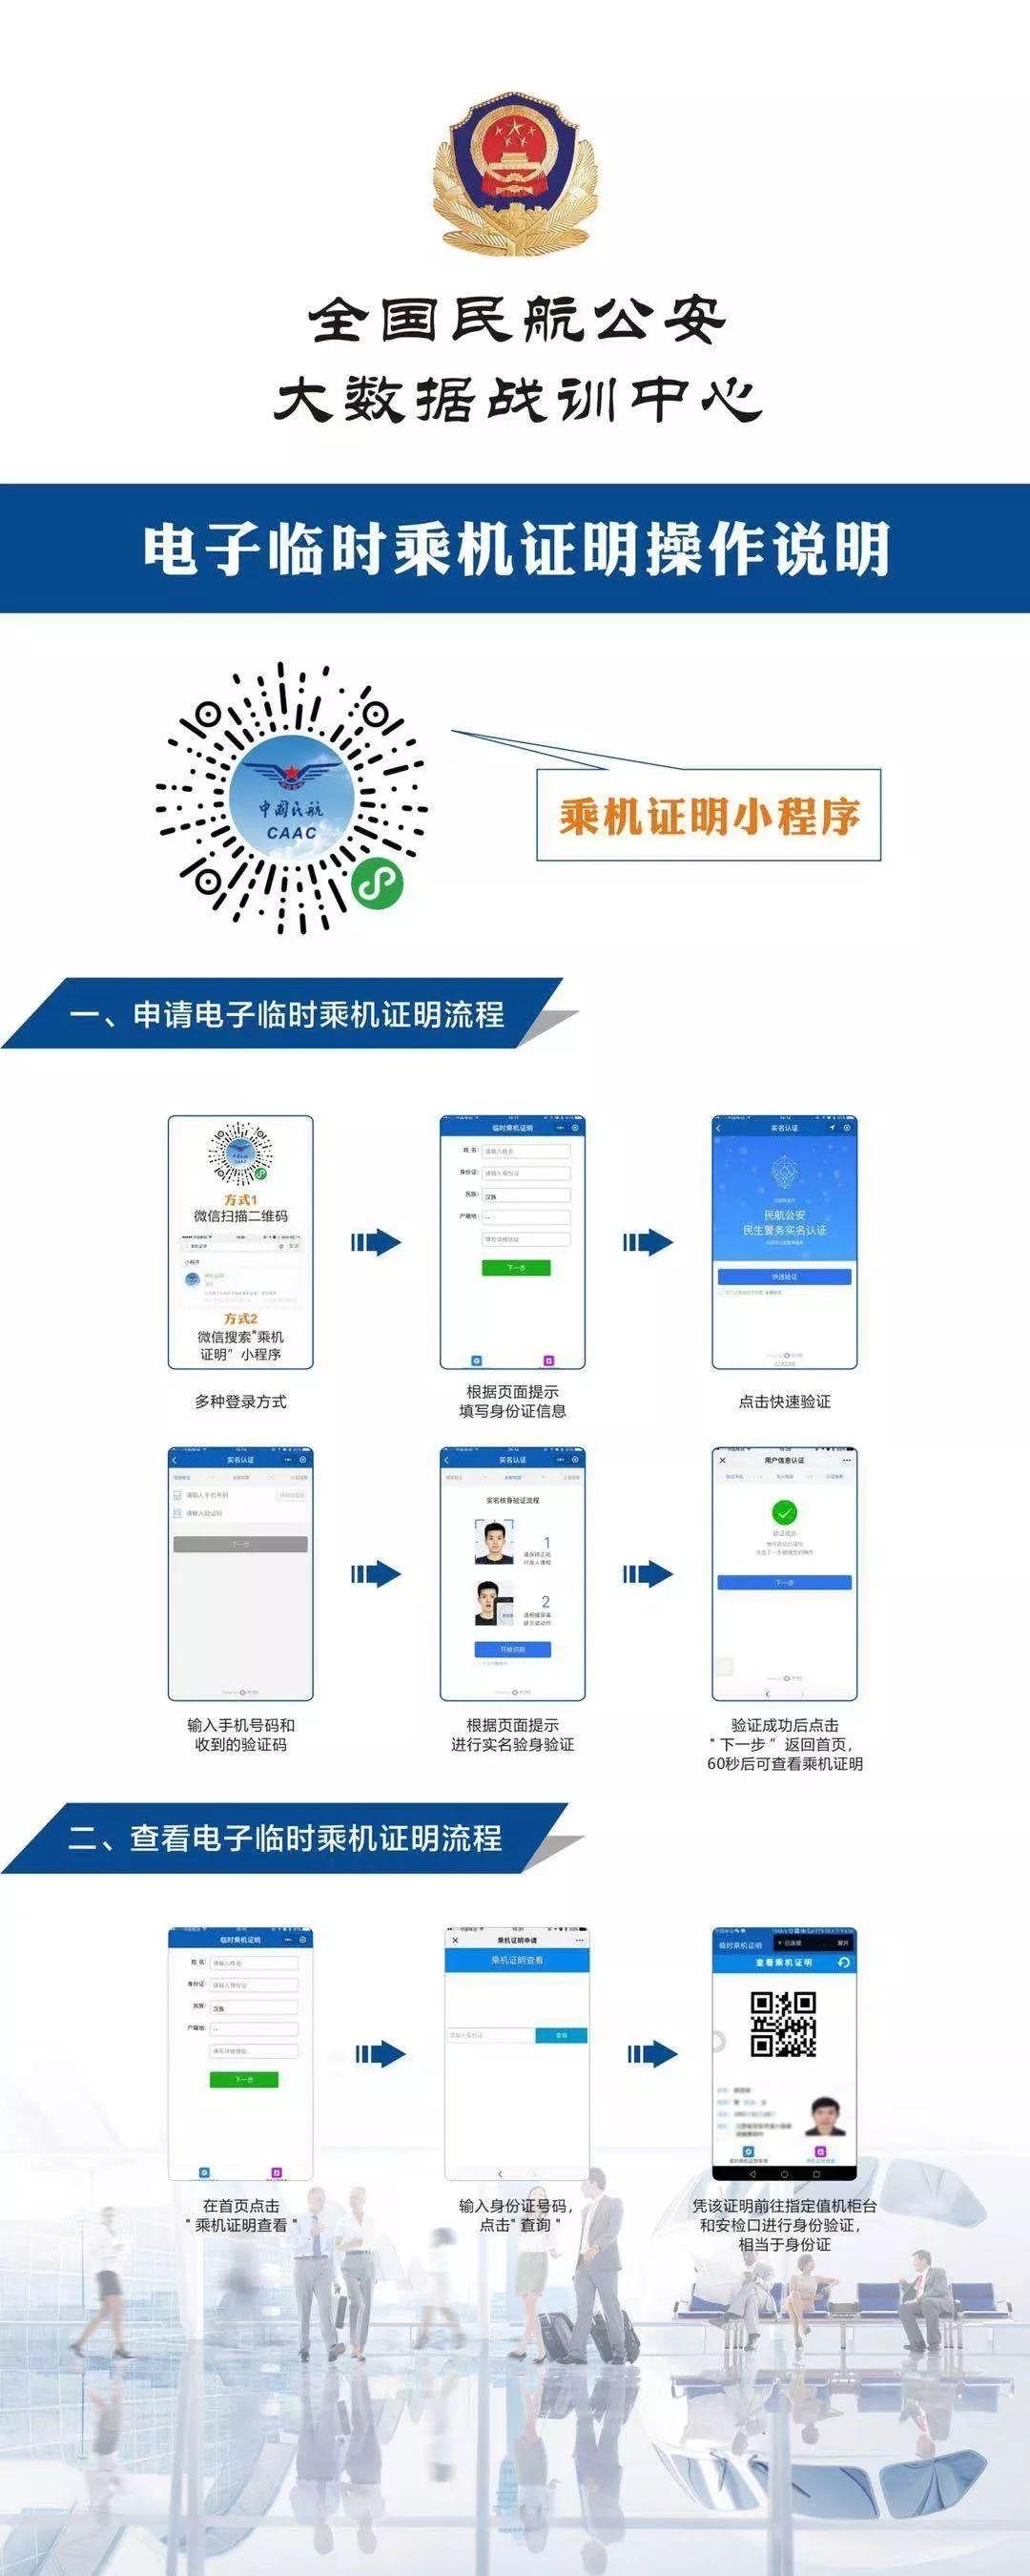 电子临时乘机证明操作说明 图片来源:中国民航公安在线